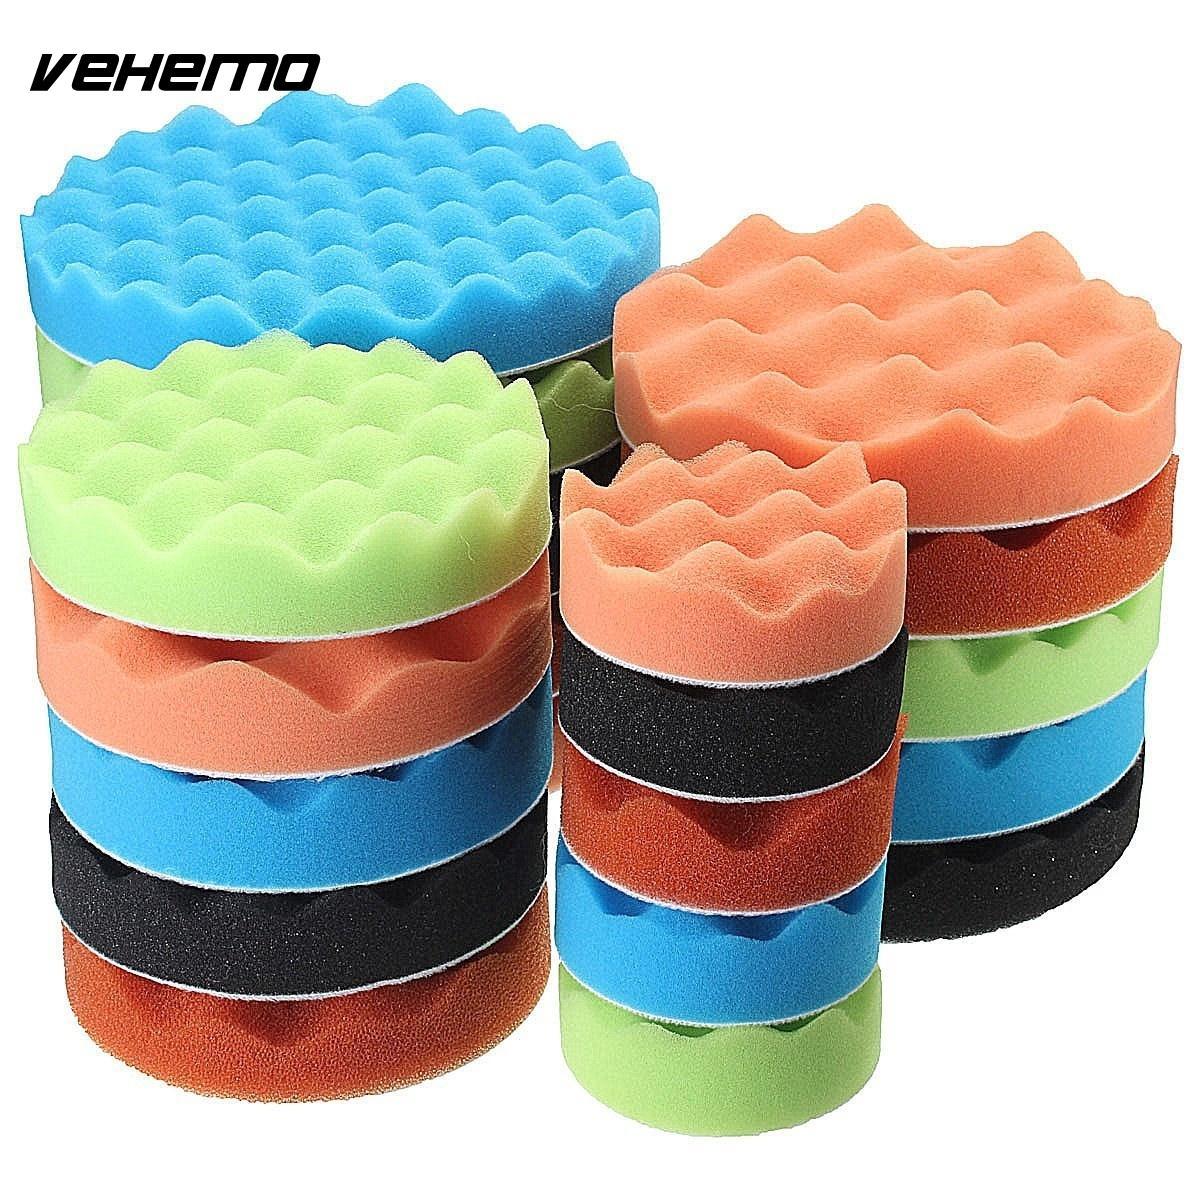 VEHEMO 19 шт. 80 мм автомобиля губка Буфф полировки колодок для автомобиля полировщик с воском M10 дрель автомобильный адаптер -укладки очистки